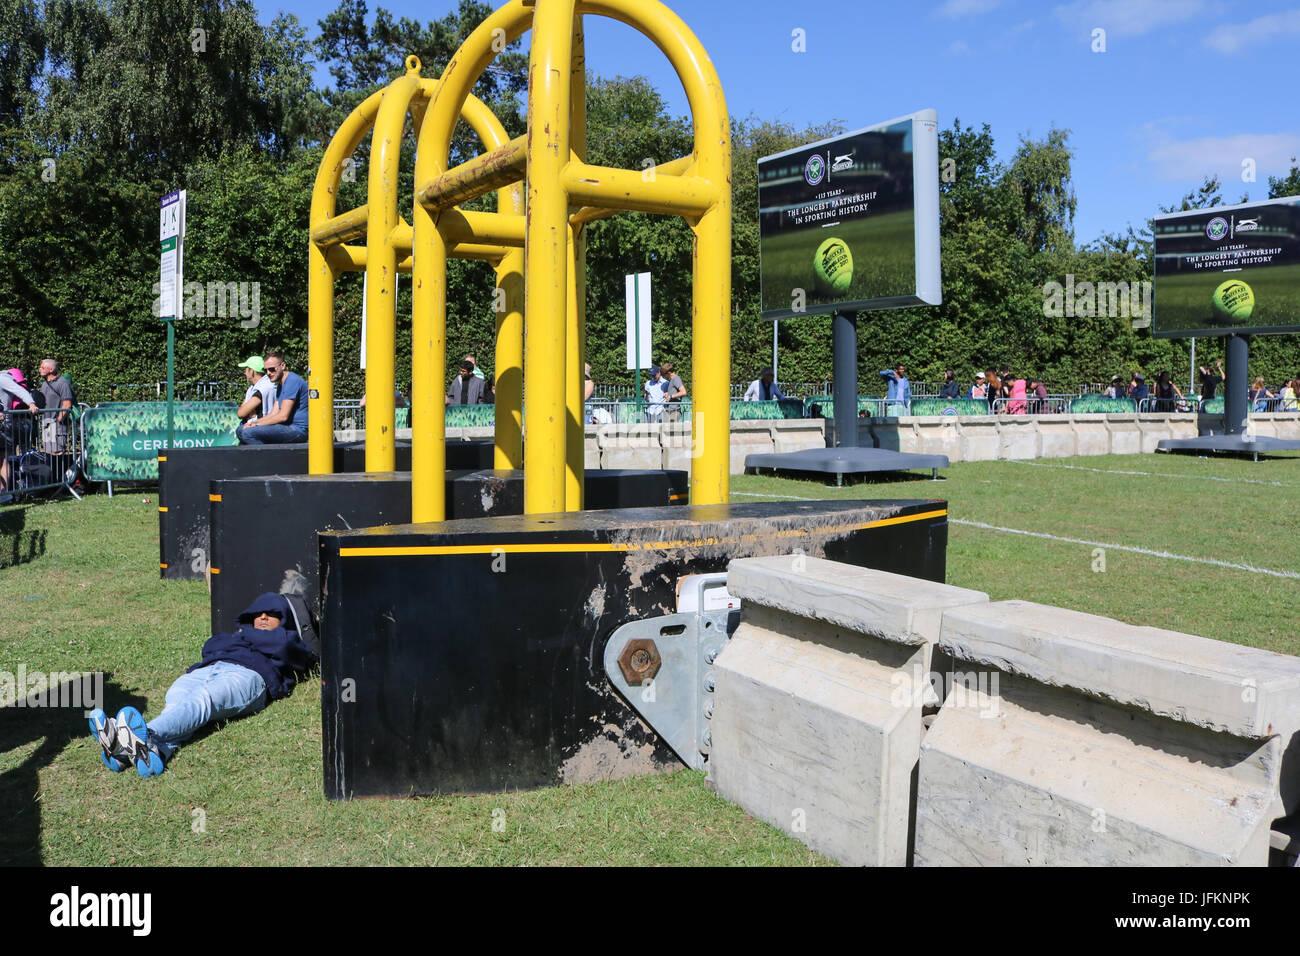 Londres, Reino Unido. El 2 de julio de 2017. La primera cola a los aficionados al tenis junto a las puertas de seguridad de metal con su equipo para acampar para hacer cola durante la noche para Wimbledon boletos Crédito: amer ghazzal/Alamy Live News Foto de stock